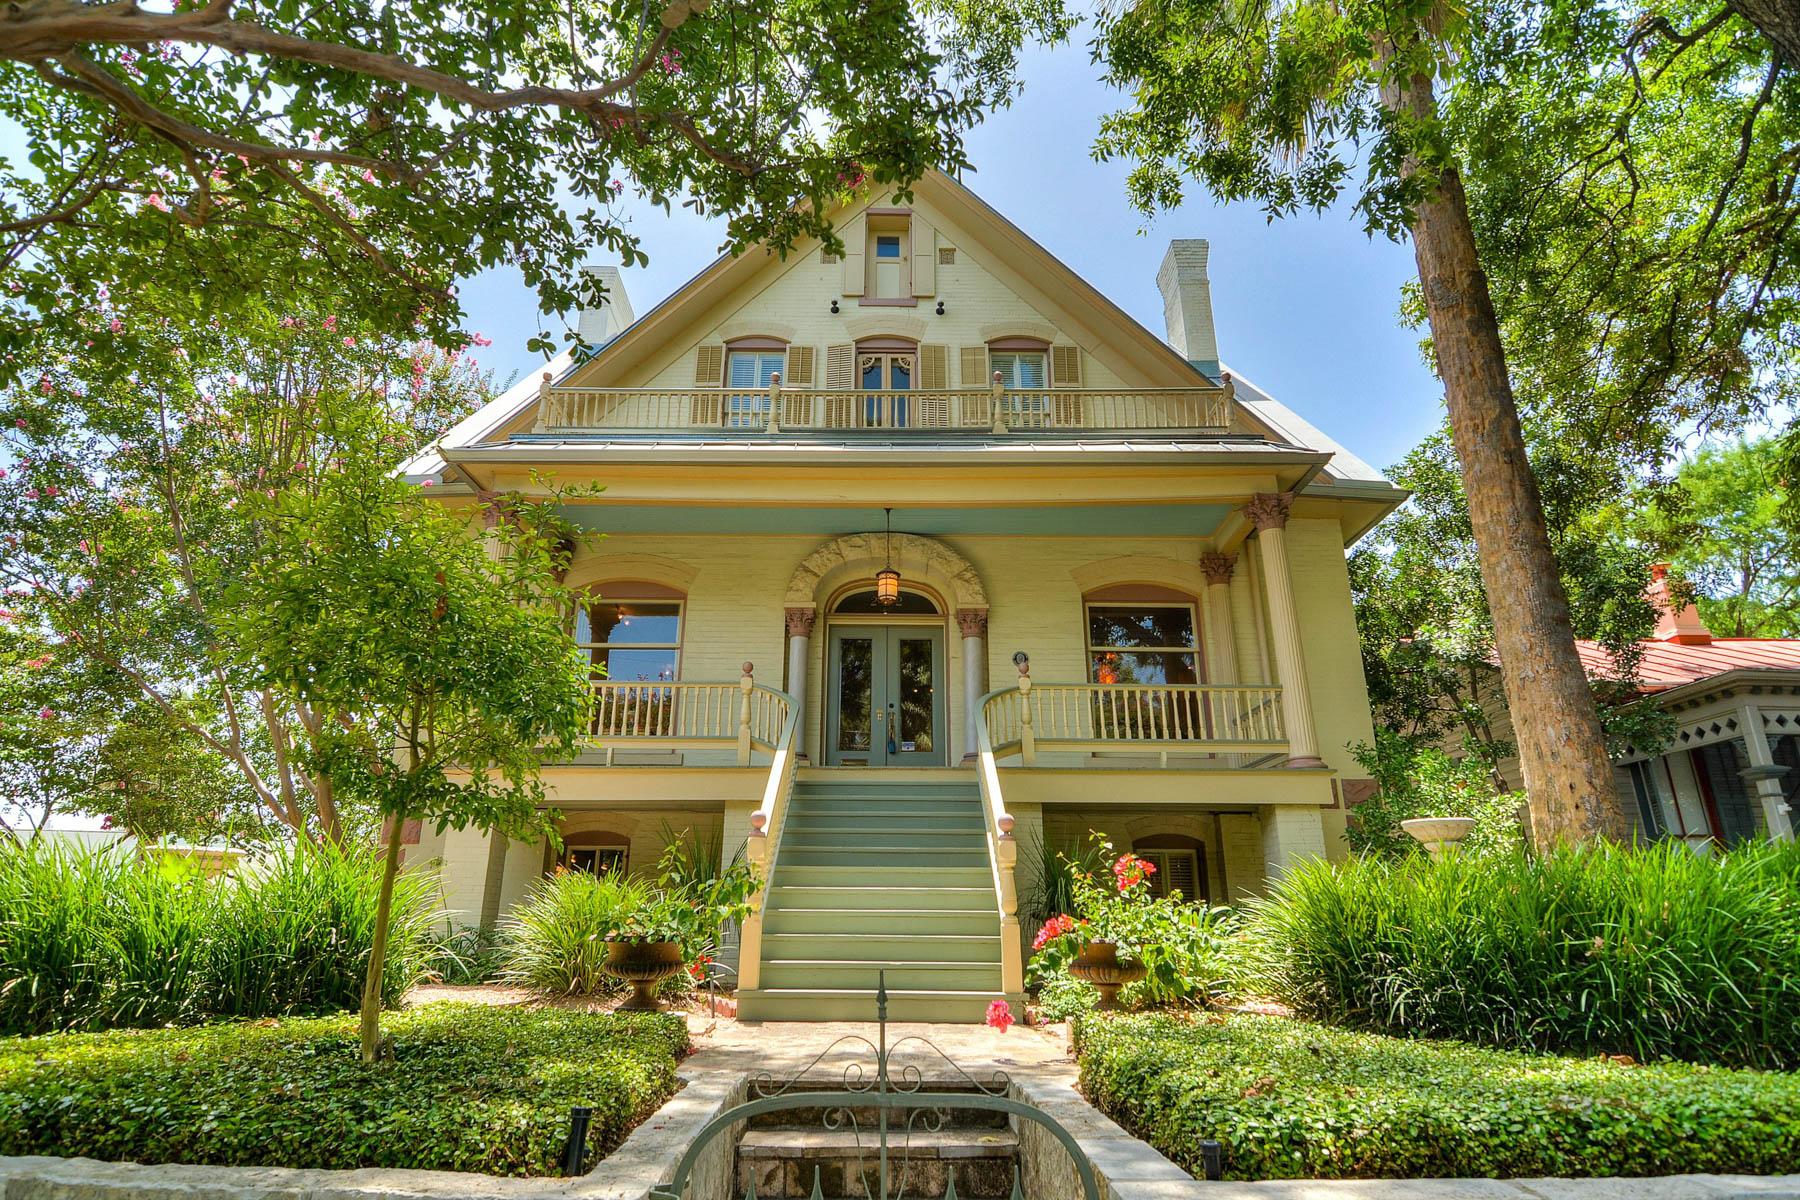 Maison unifamiliale pour l Vente à Majestic, Yet Wonderfully Urban King William Home 202 Madison St King William, San Antonio, Texas, 78204 États-Unis